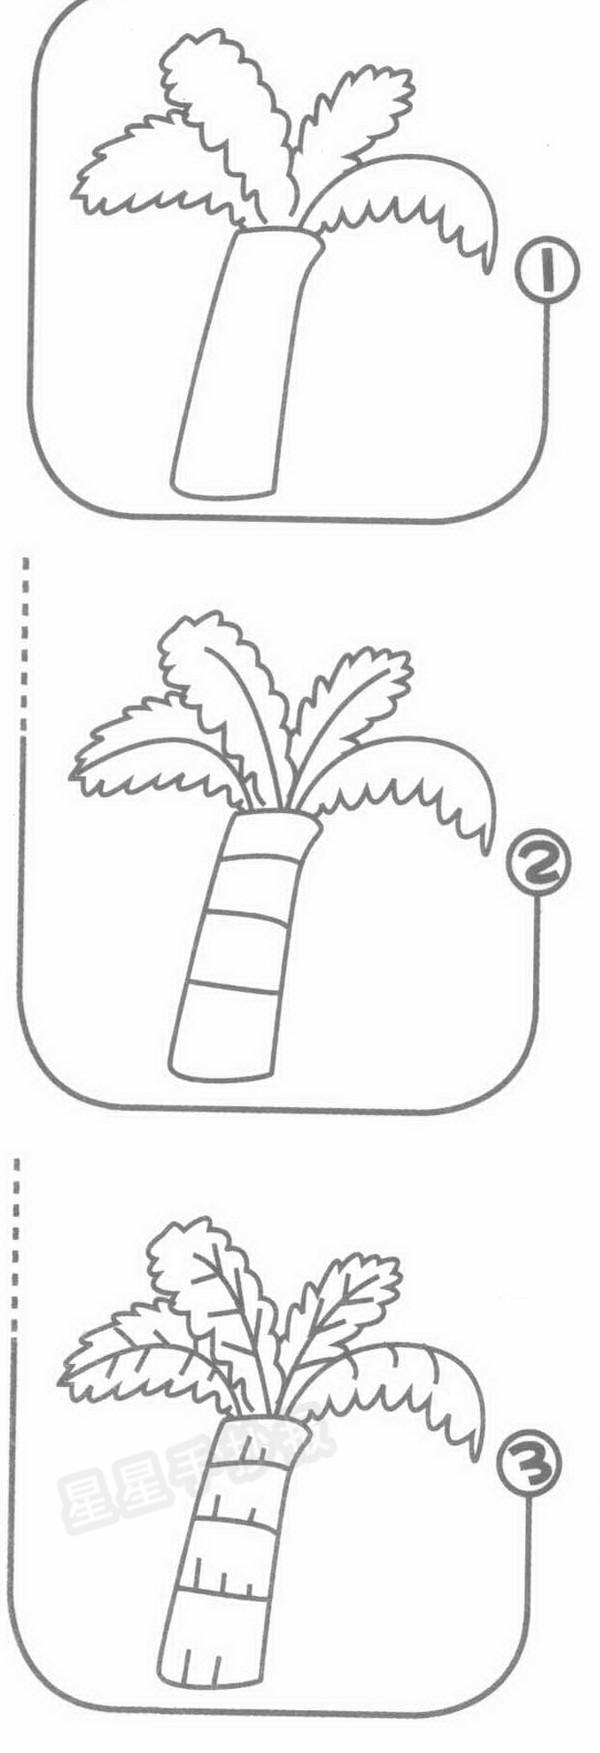 棕榈树简笔画